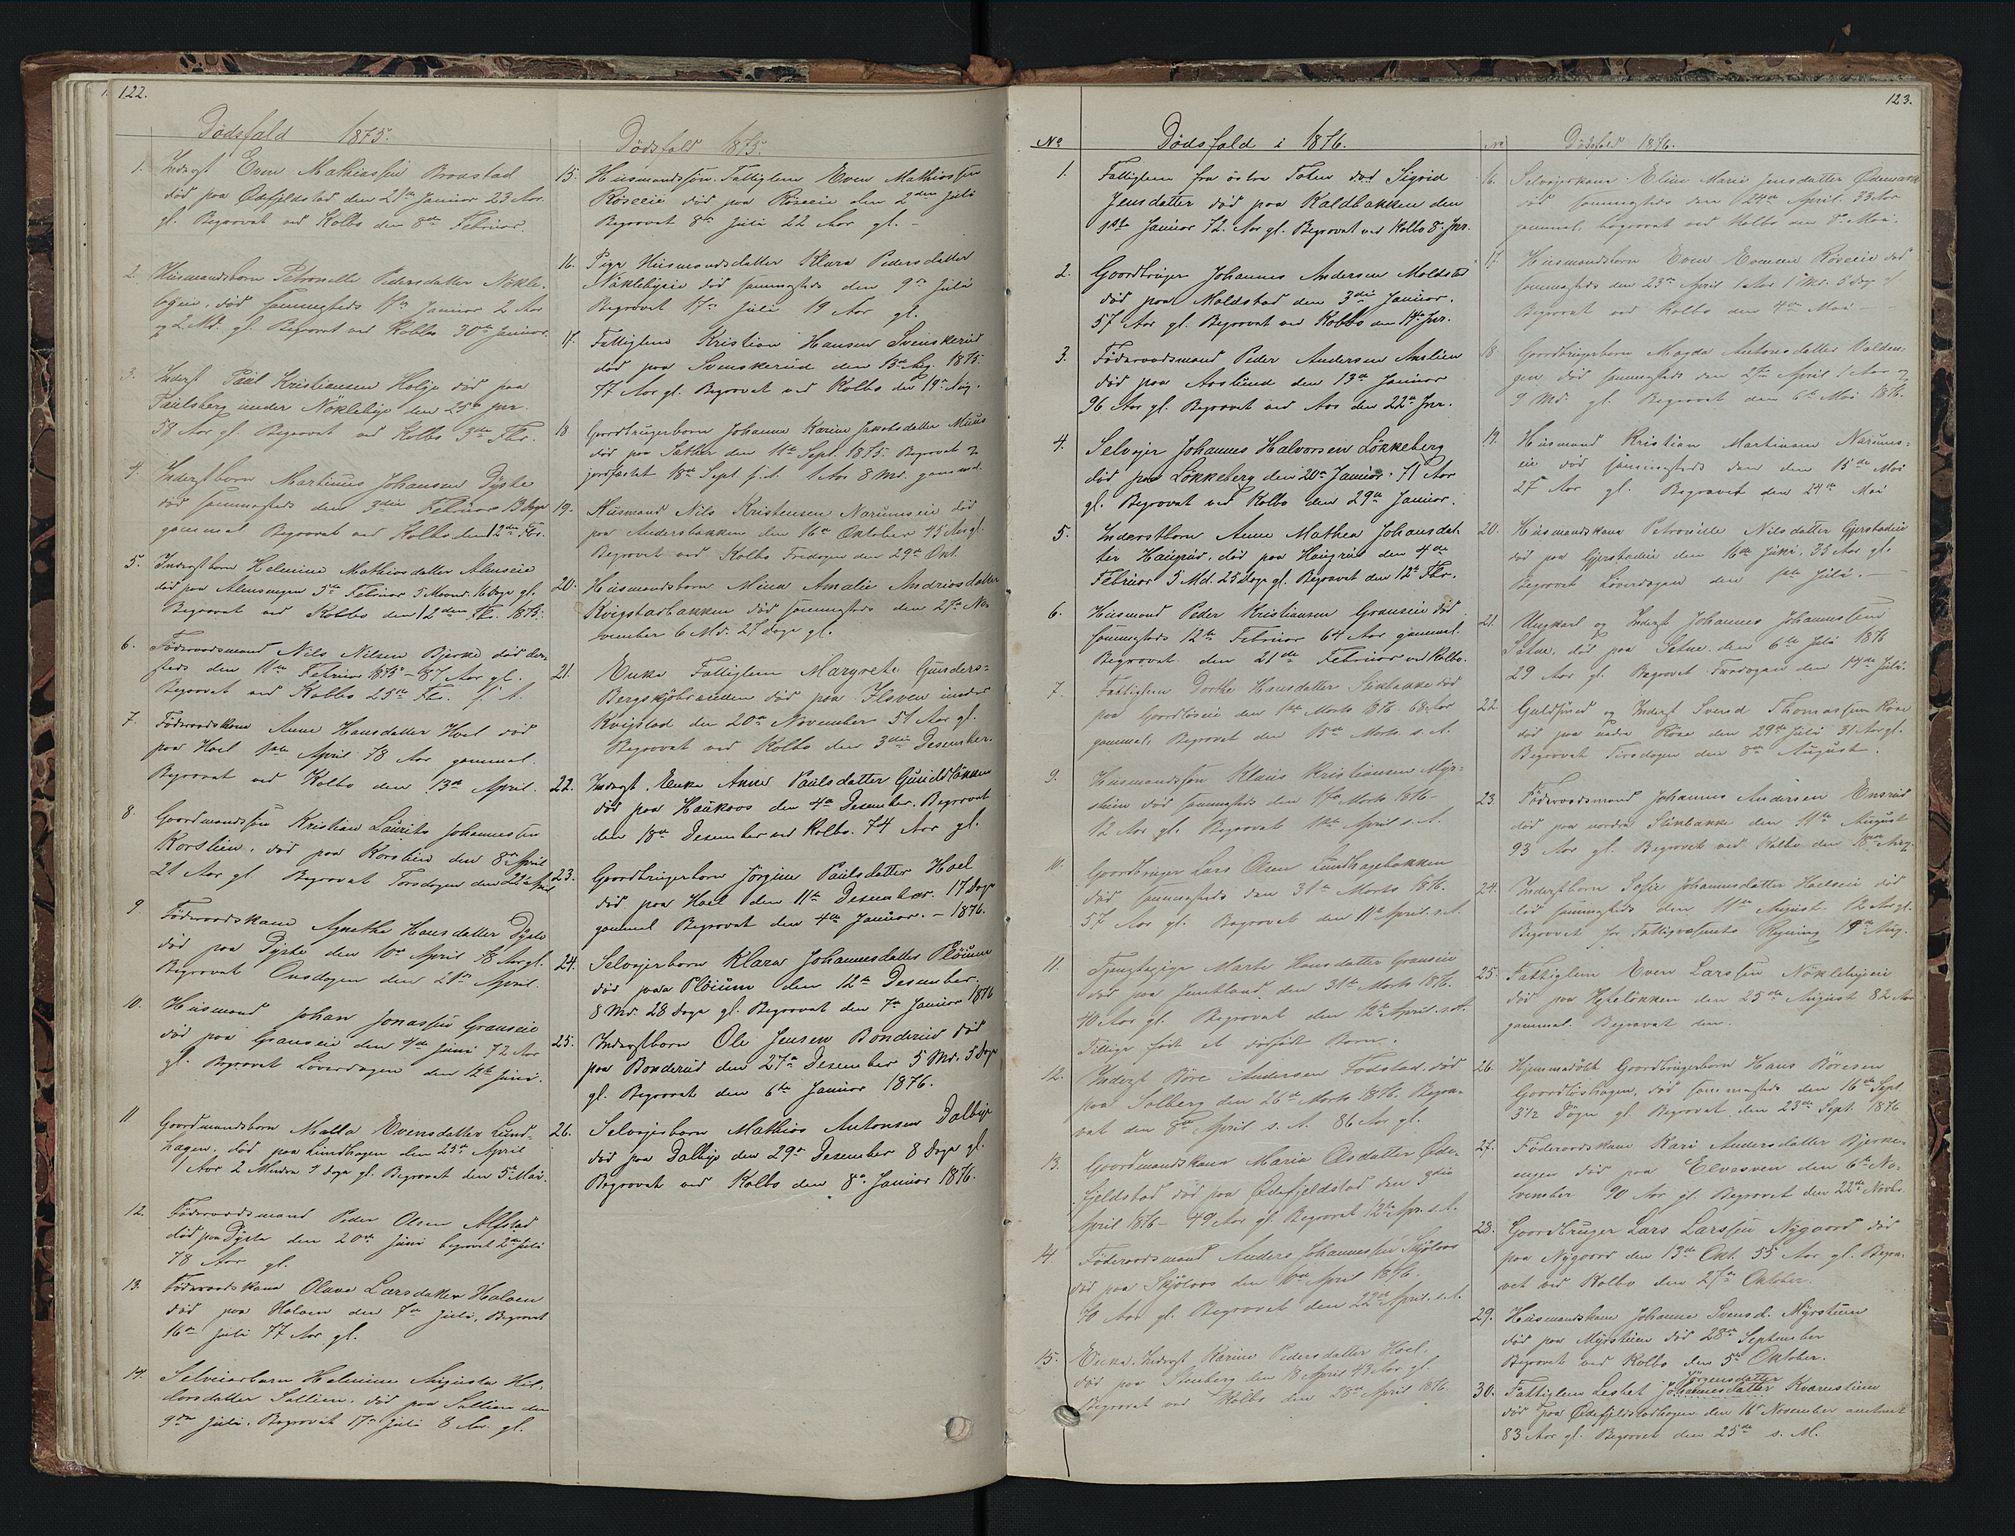 SAH, Vestre Toten prestekontor, Klokkerbok nr. 7, 1872-1900, s. 122-123